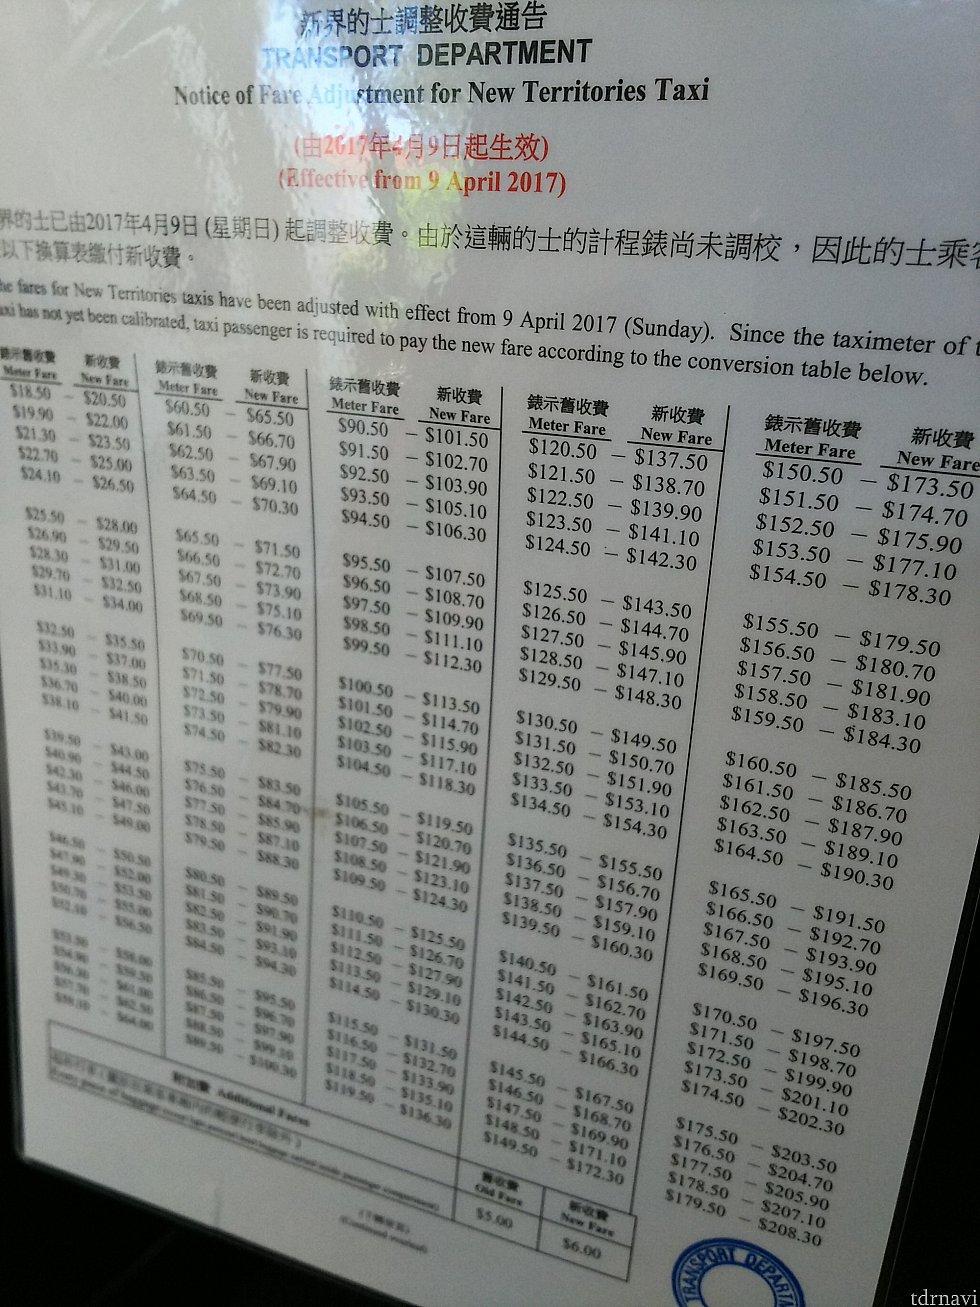 6月に乗った緑タクシーの車内にあった新料金のお知らせ表。これによると、4月9日に新料金に変わったけど、メーターは古いままだから、こう変わりますってことだけど…